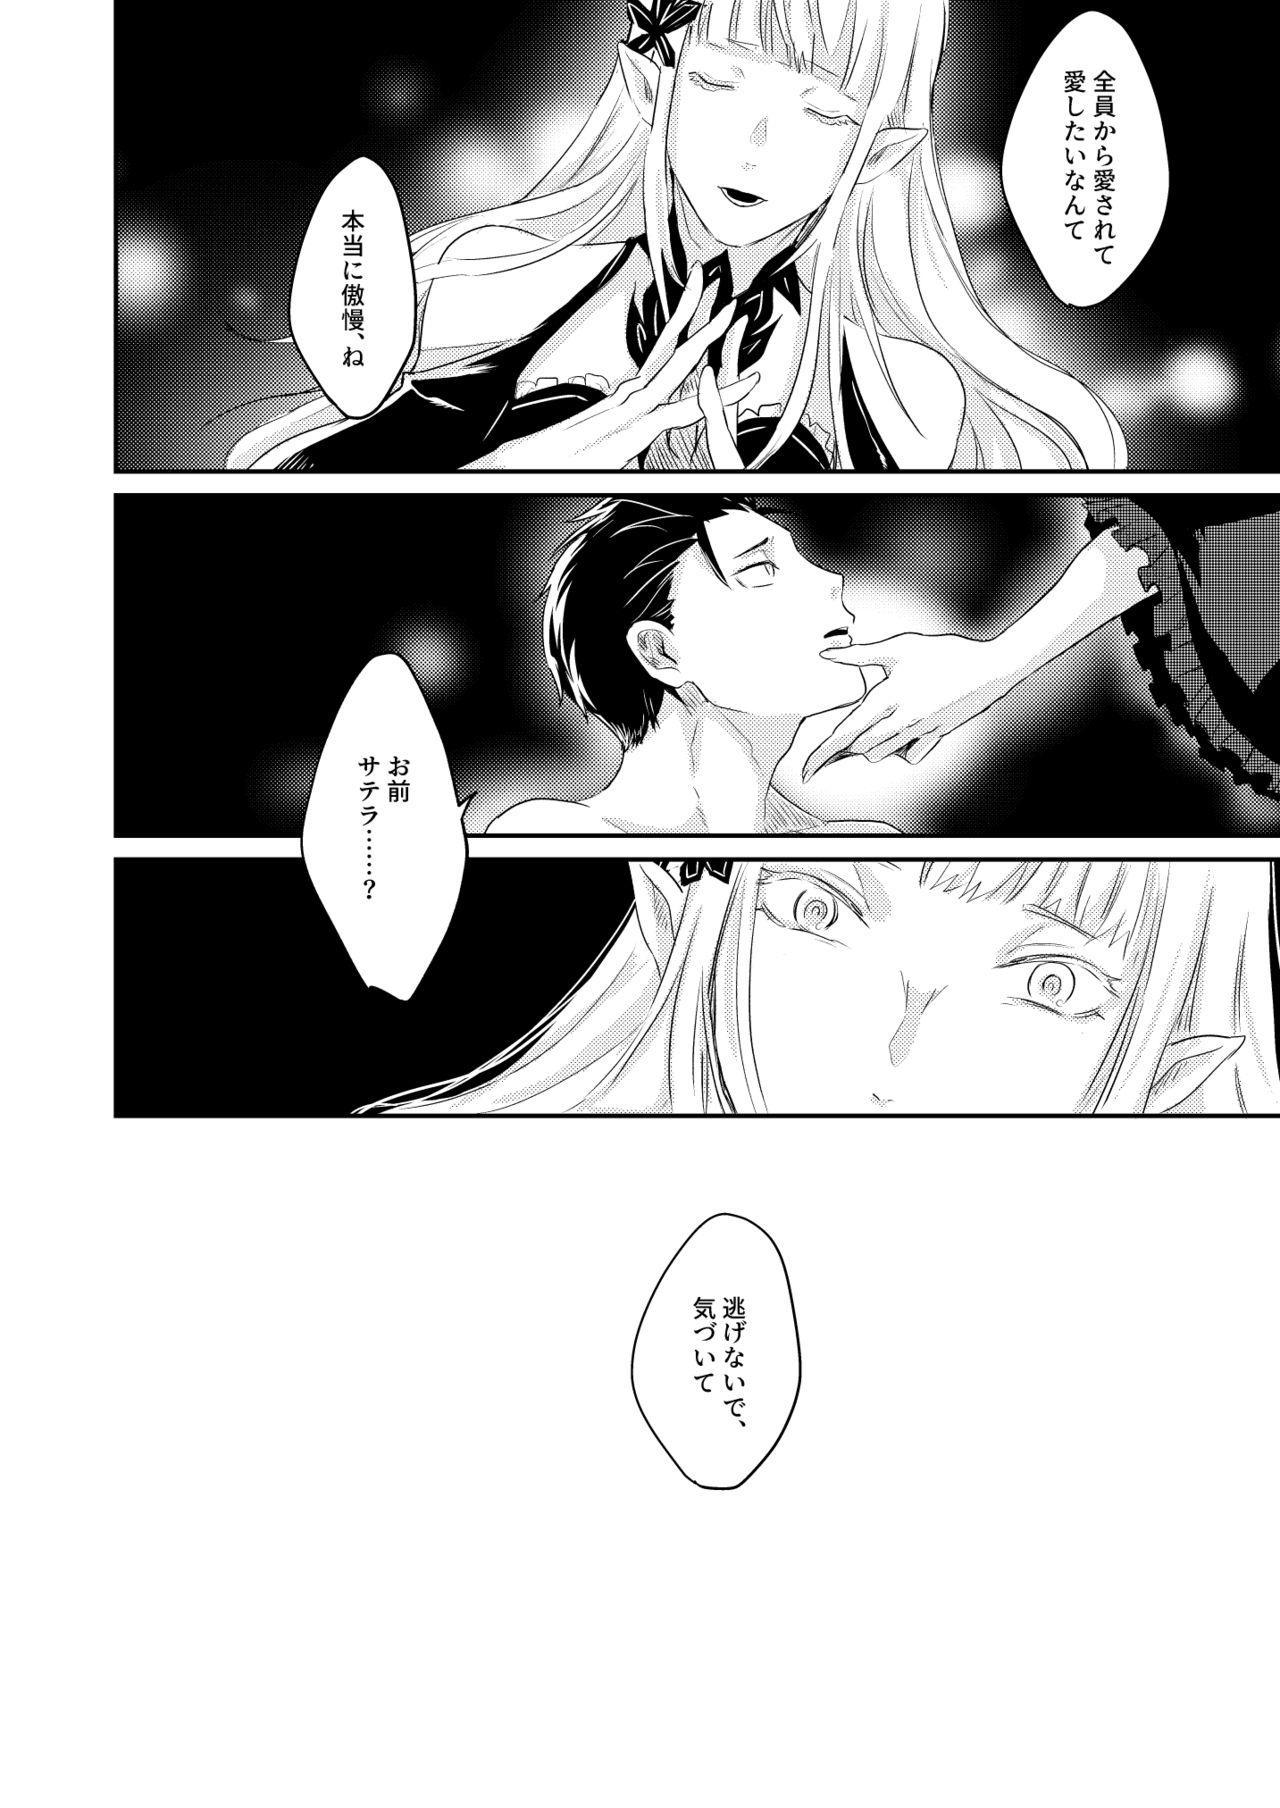 Sex Shinai to Modorenai 30